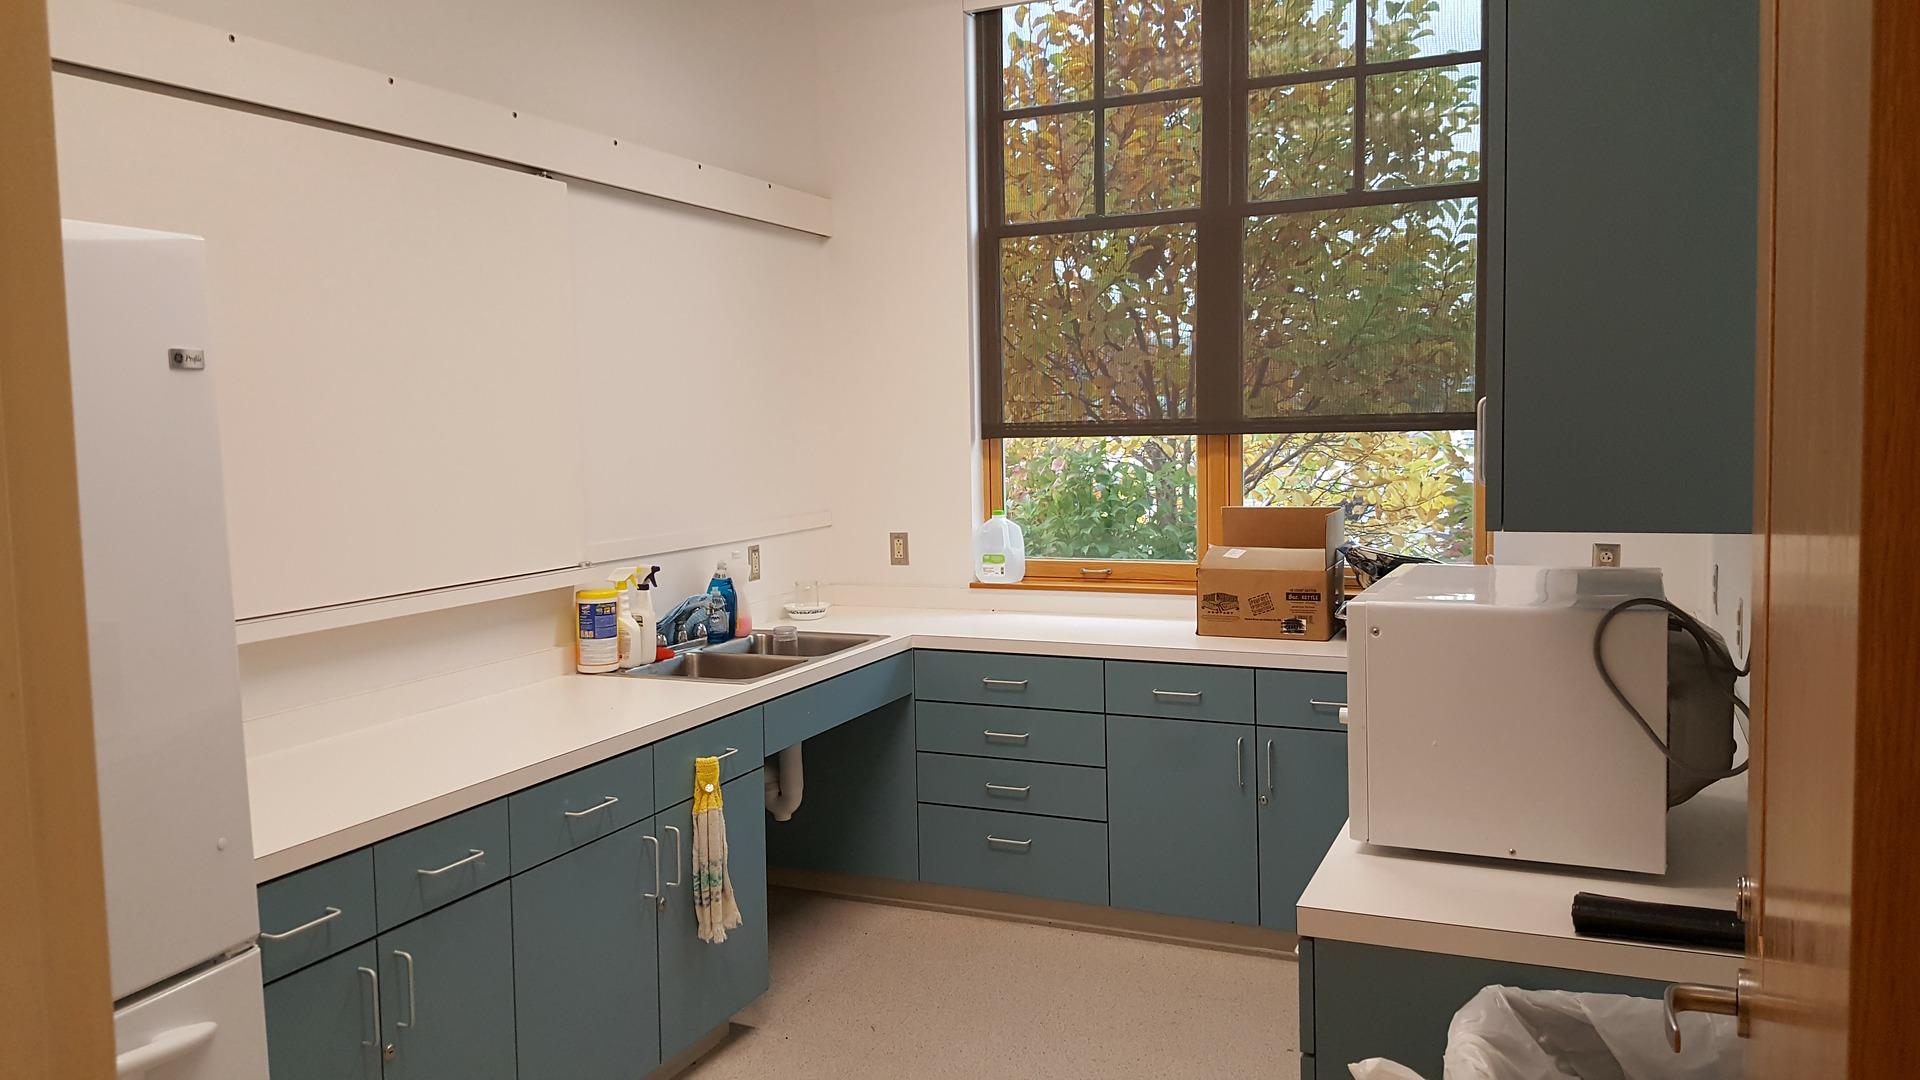 kitchen-1792483_1920